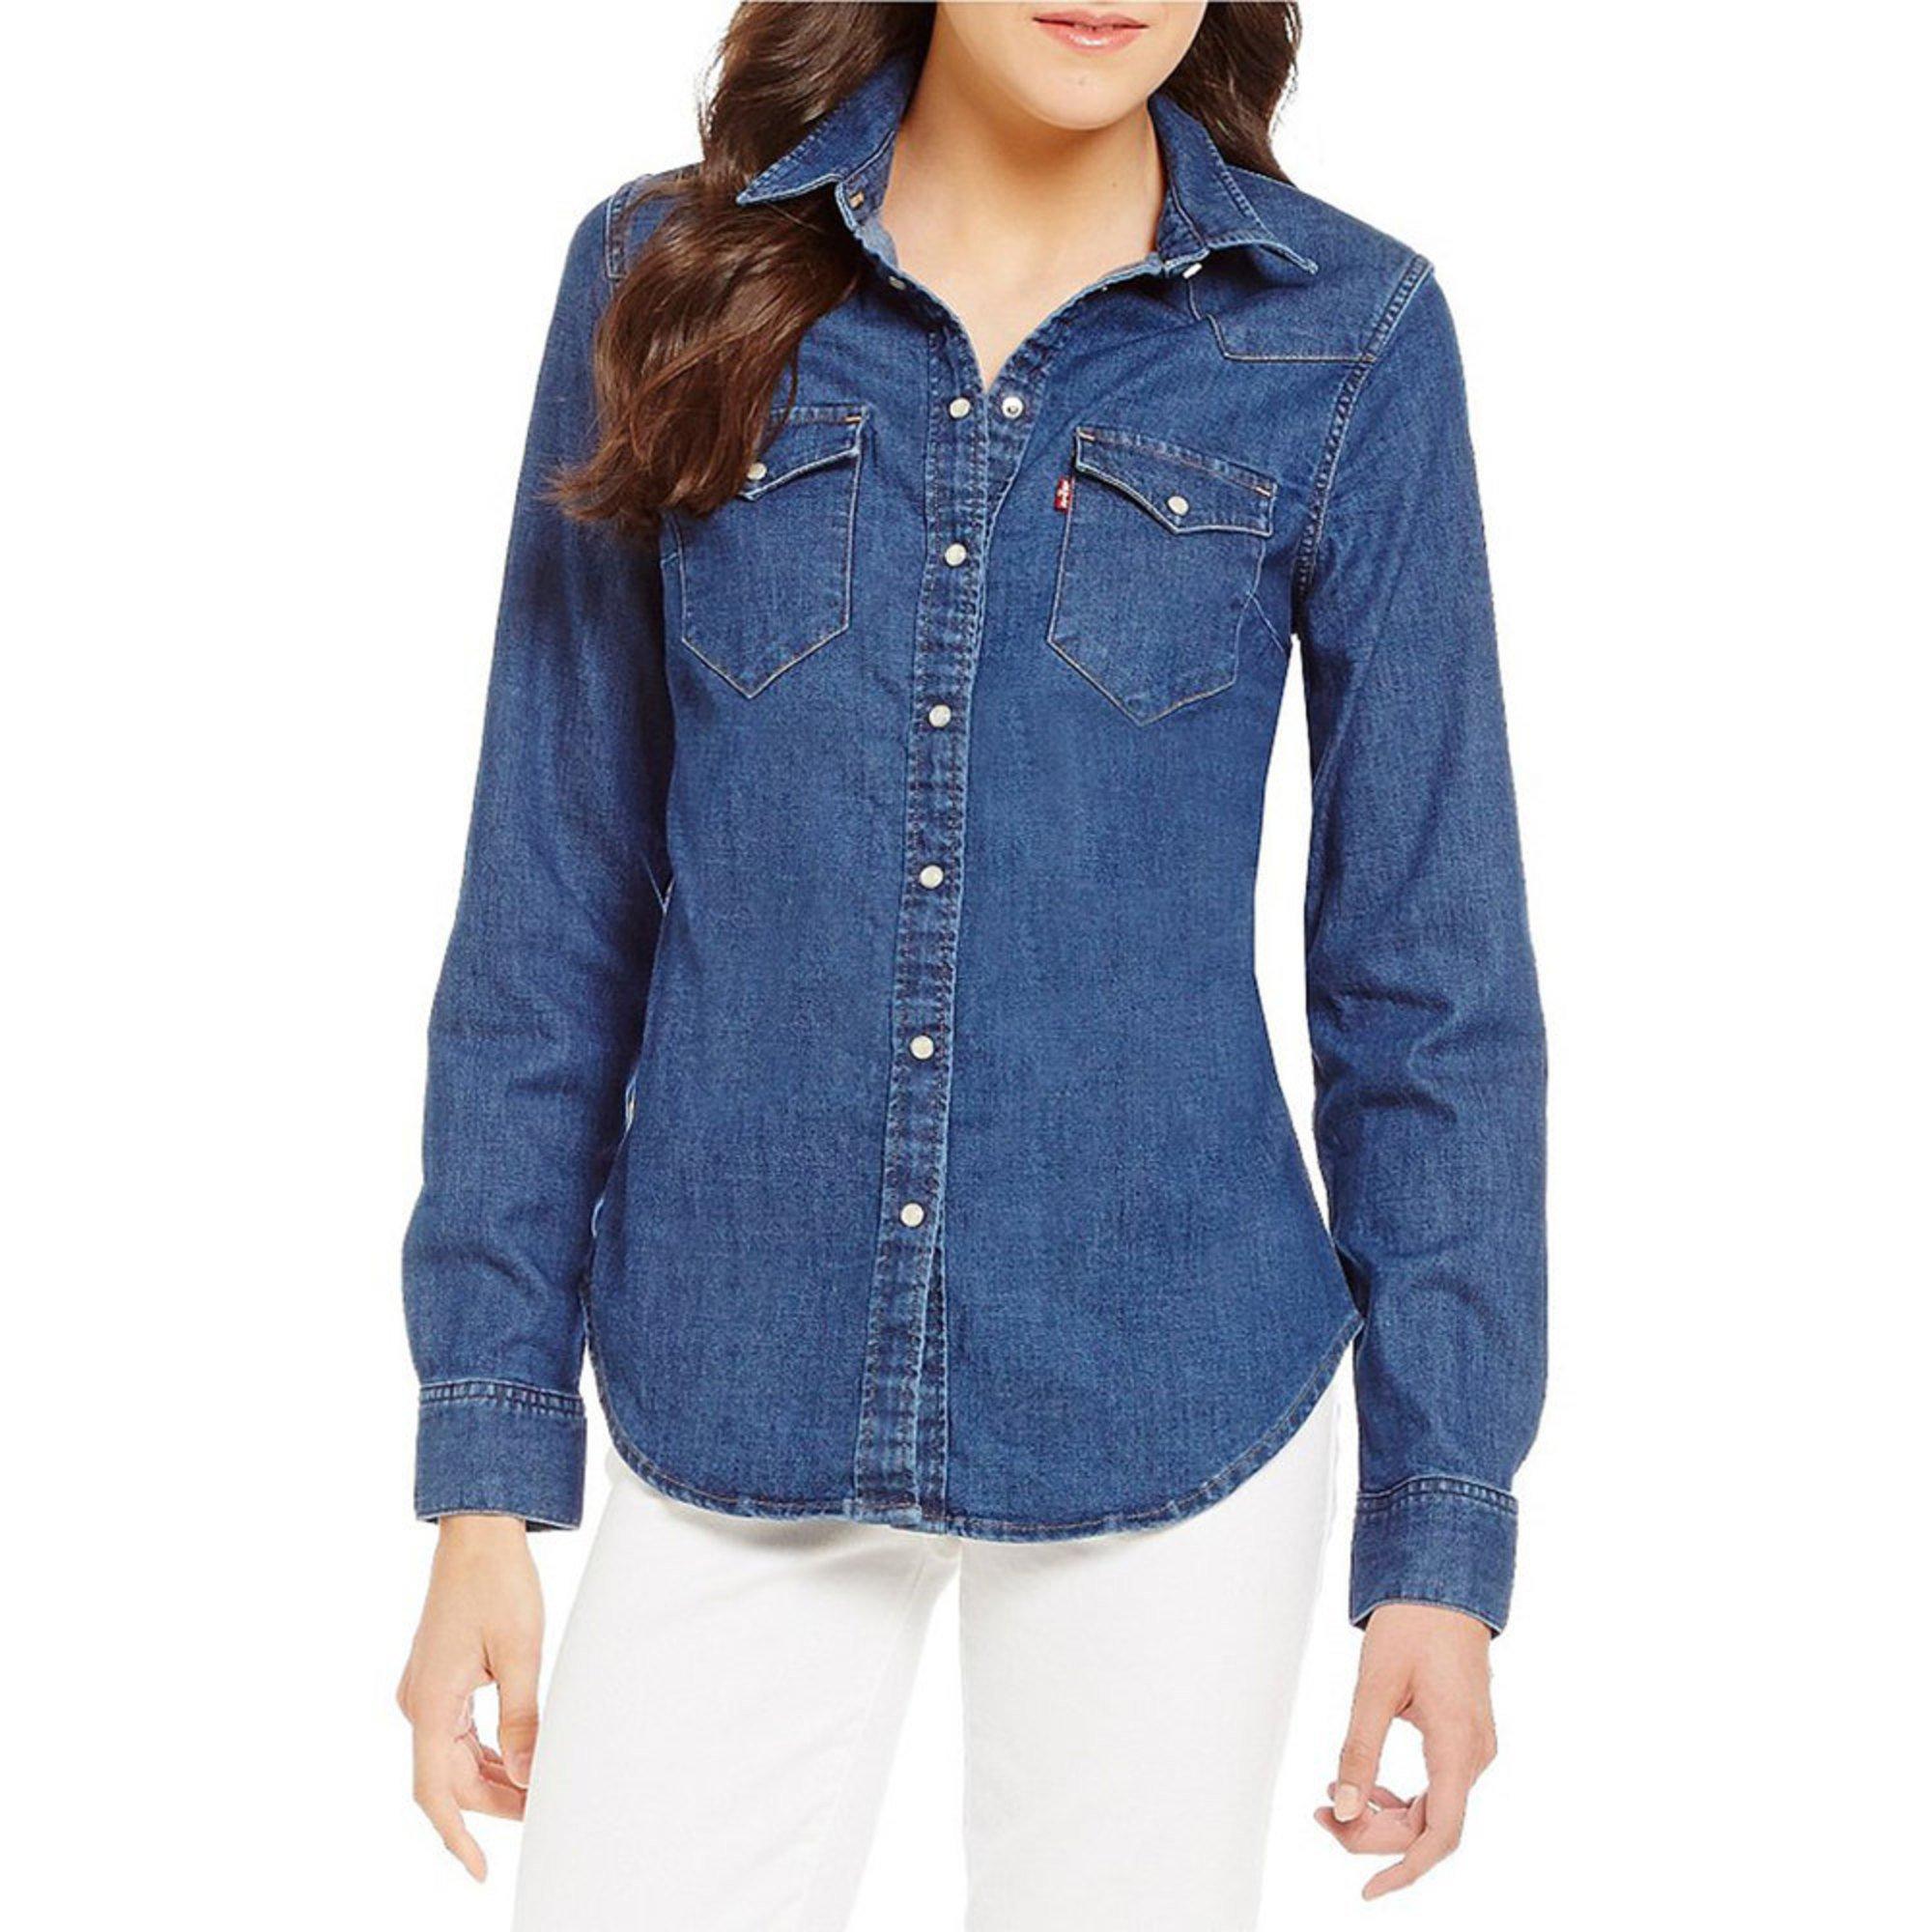 7e098e81838 Levi s Women s Tailored Classic Denim Western Shirt In Medium Blue ...